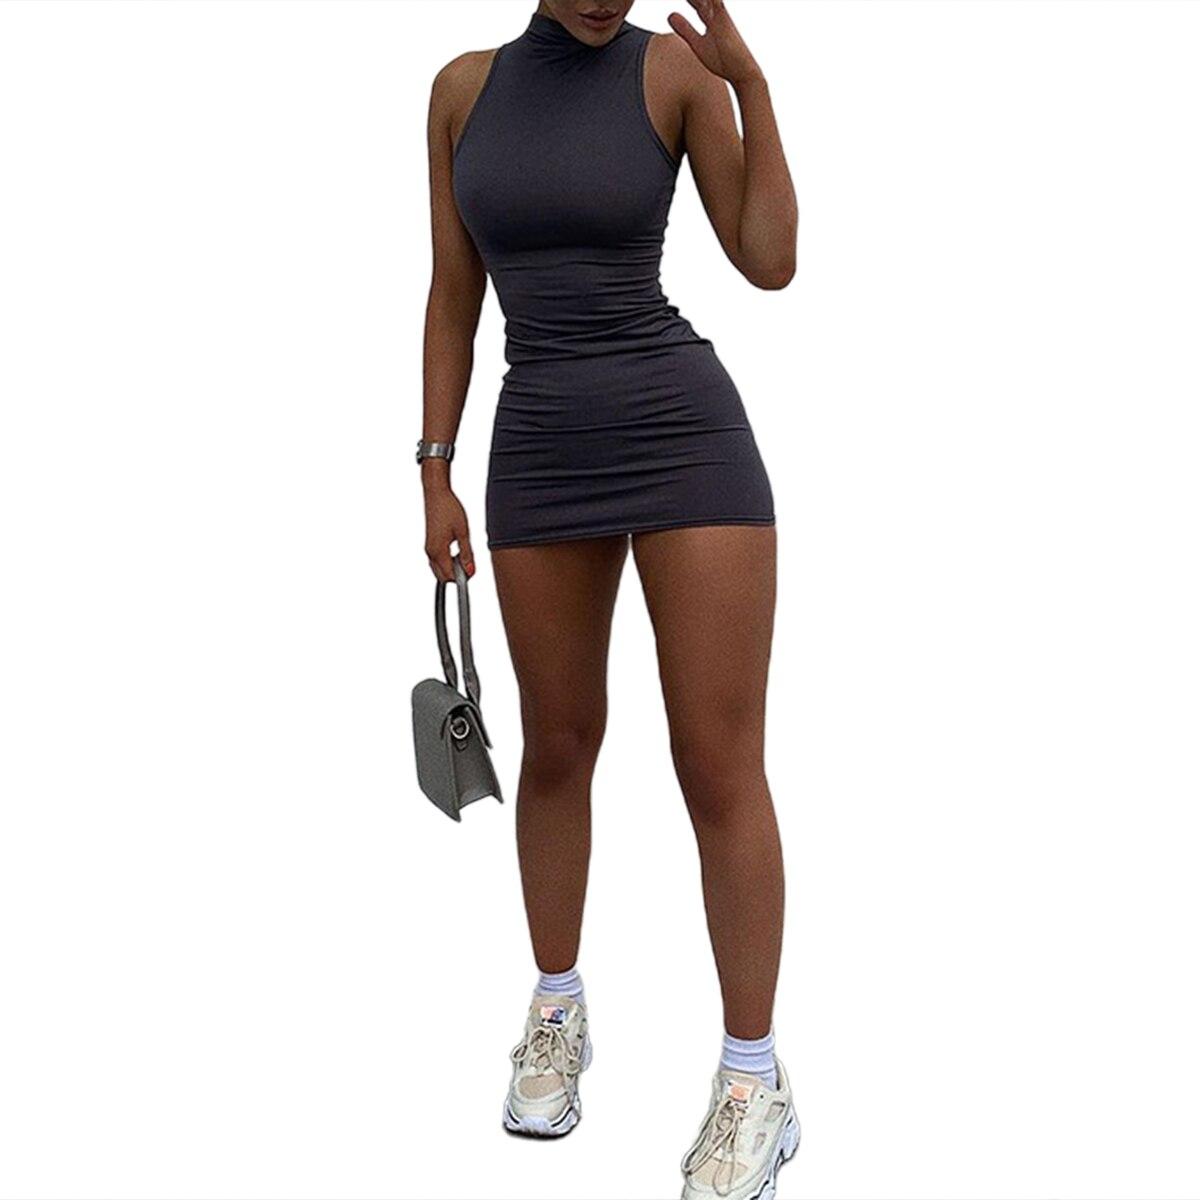 فستان نسائي متوسط الطول مطوي ، ملابس غير رسمية ضيقة برقبة دائرية بدون أكمام ، لون عادي